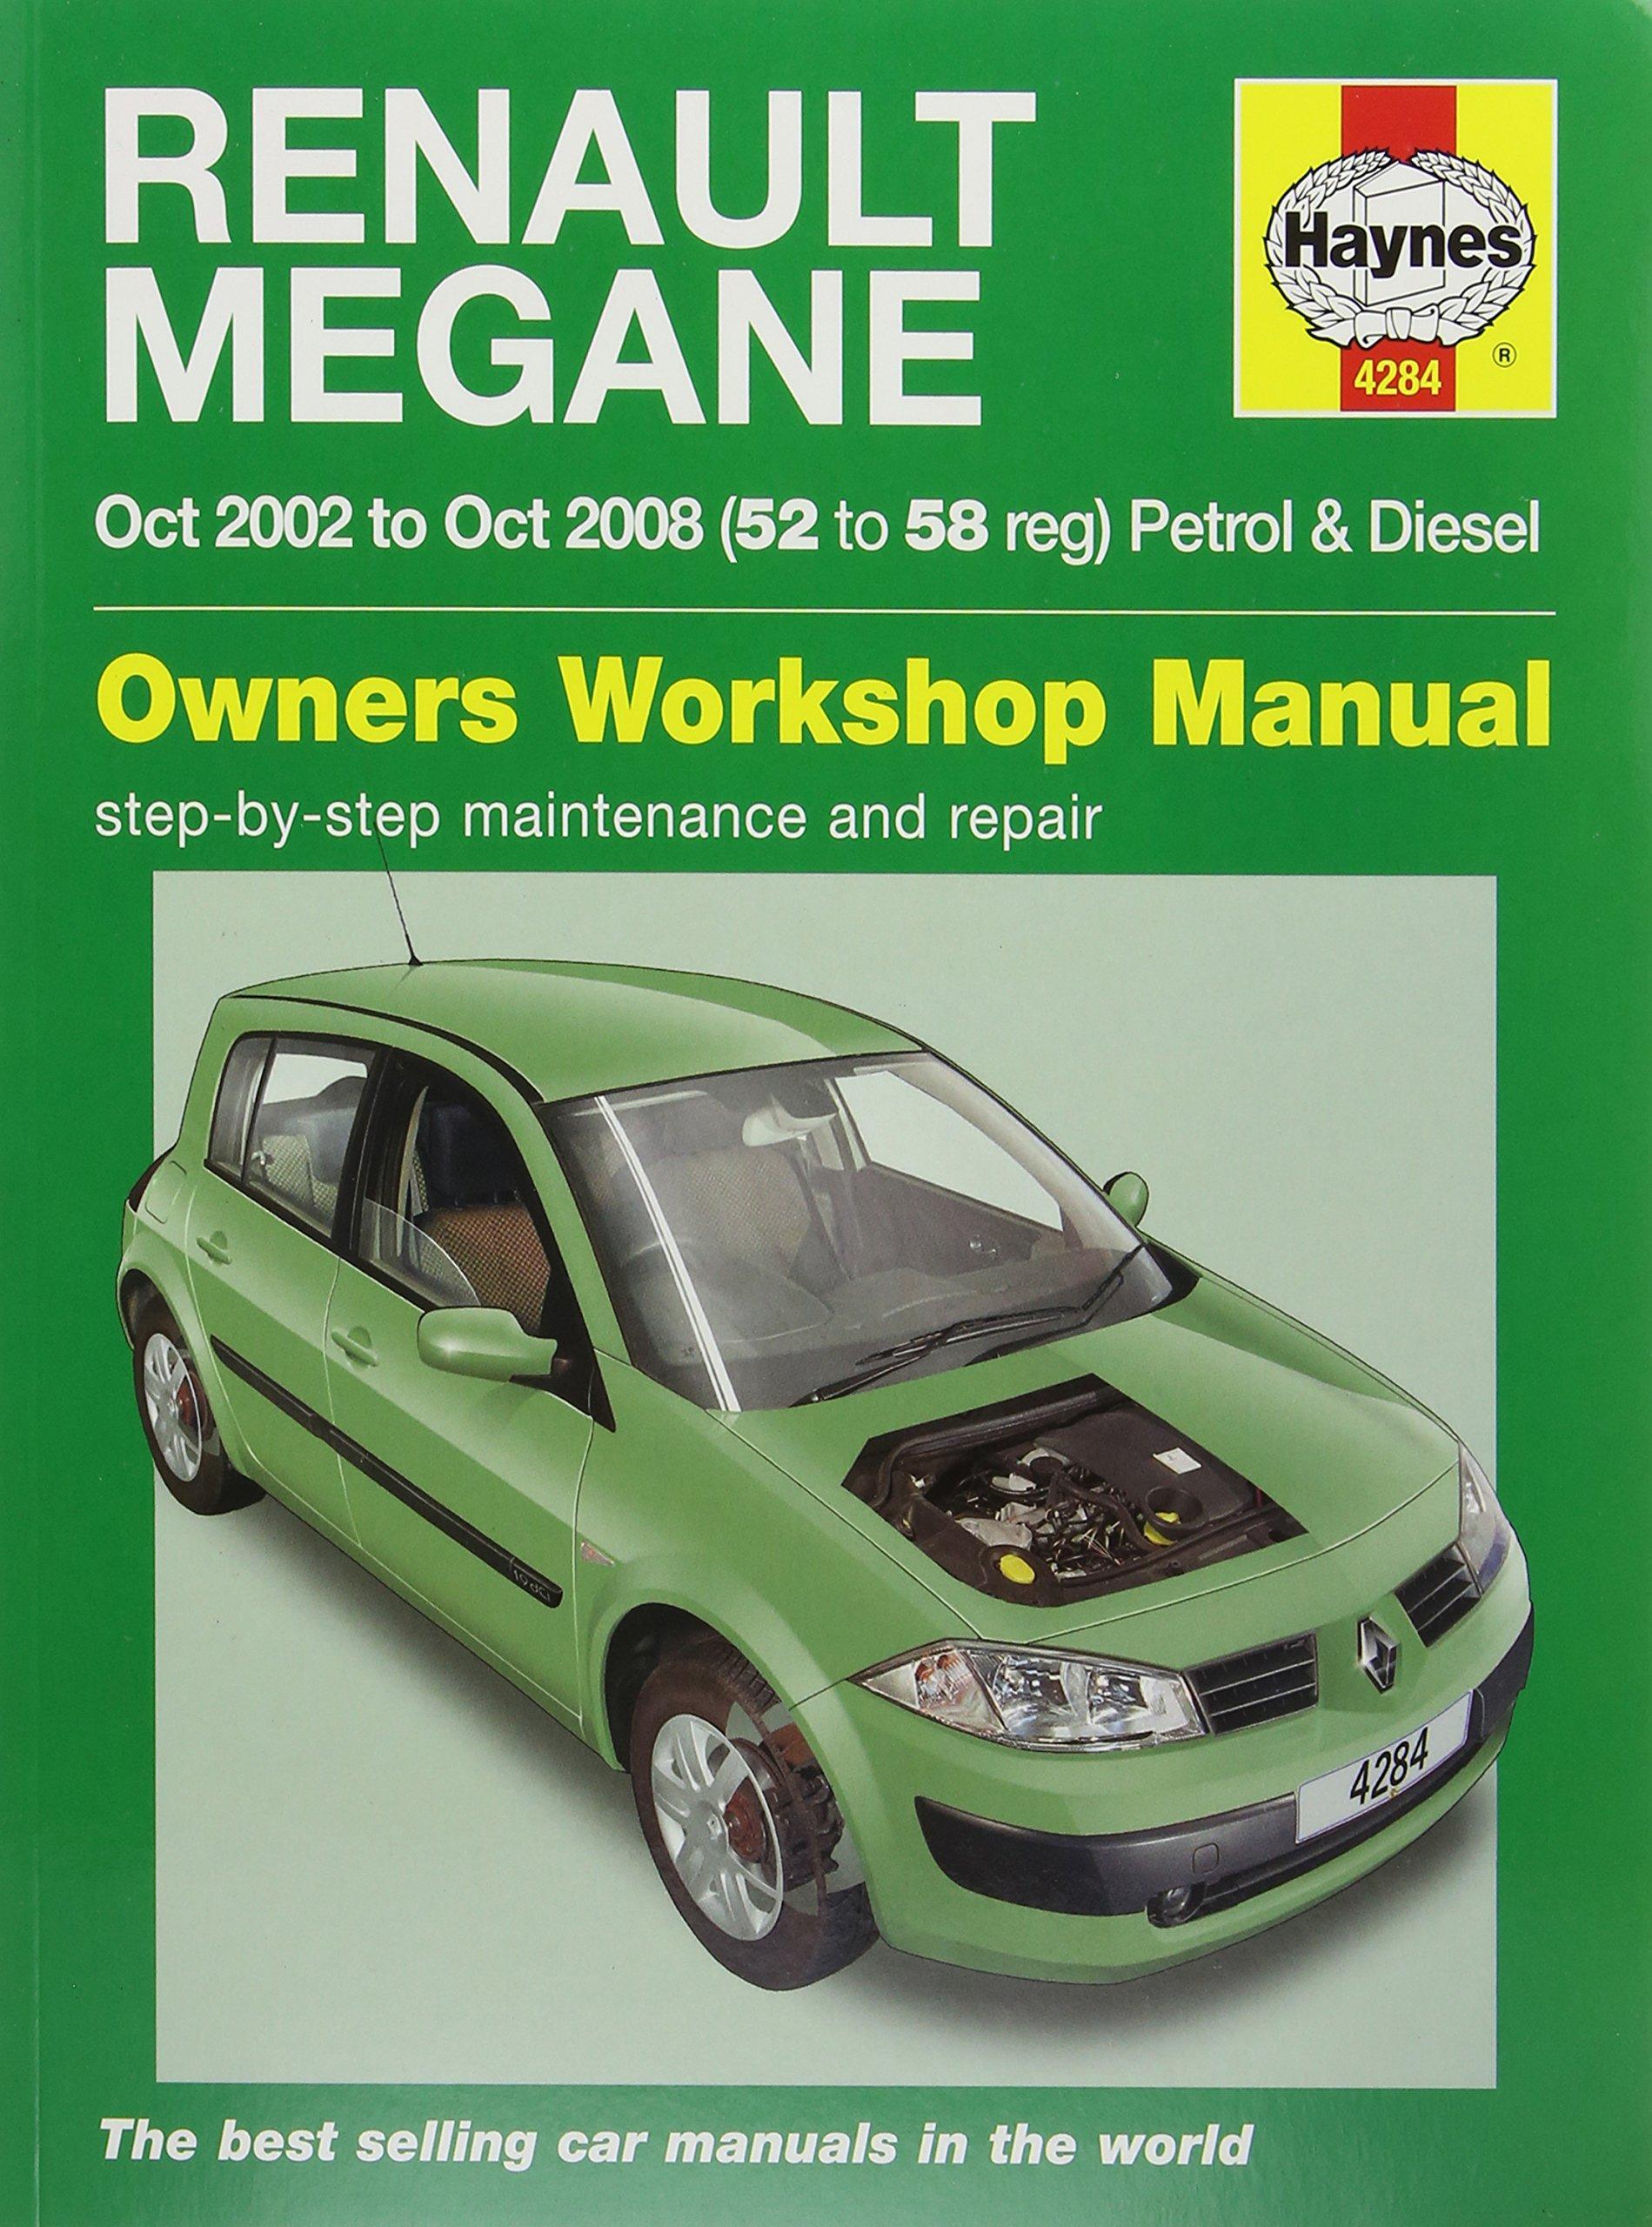 haynes 4284 service and repair workshop manual amazon co uk rh amazon co uk repair manual renault megane 2 workshop manual renault scenic 2